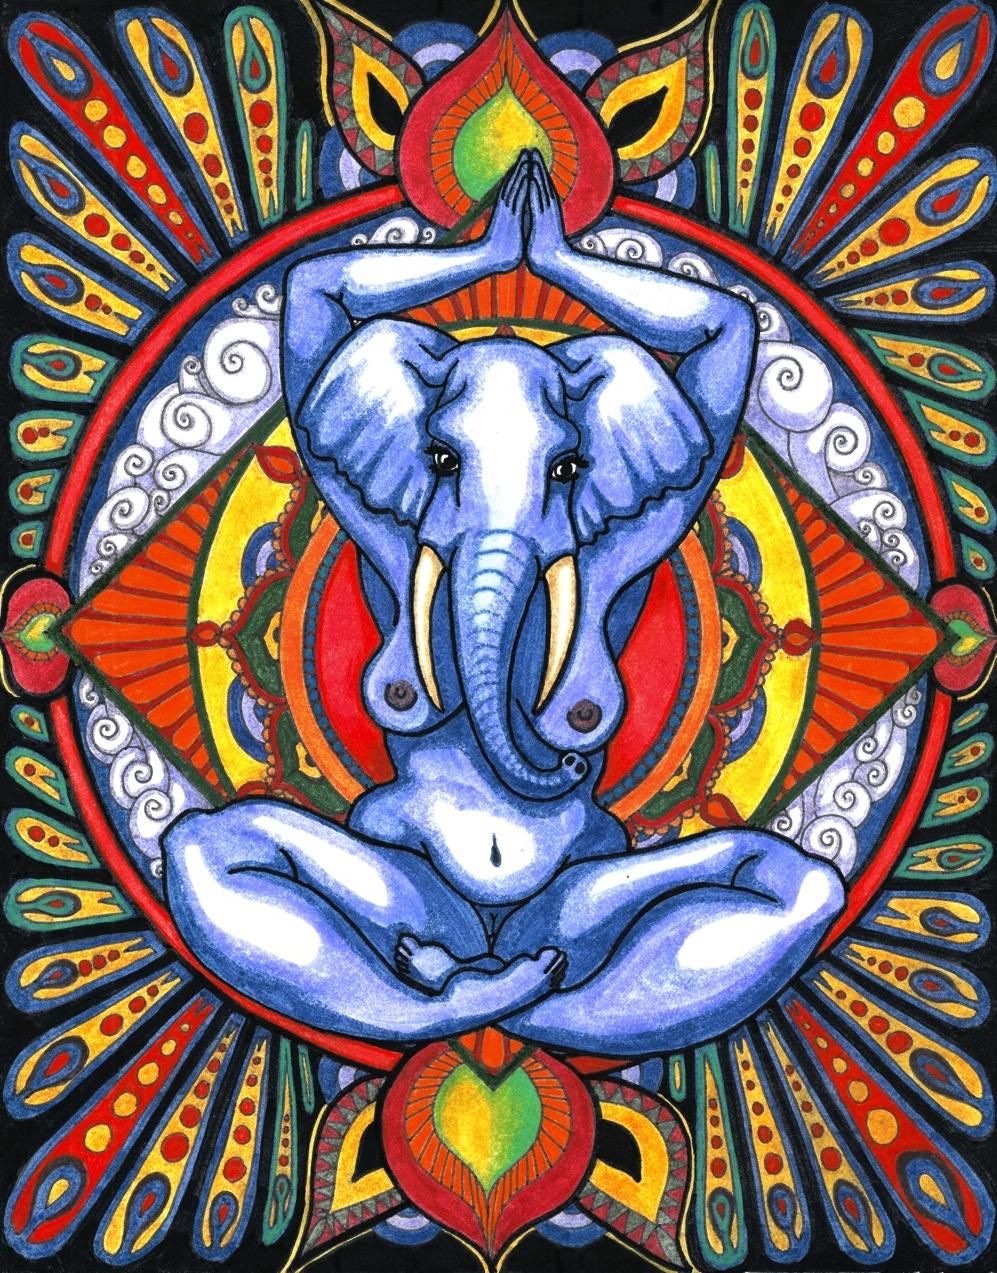 Ganesha as Goddess